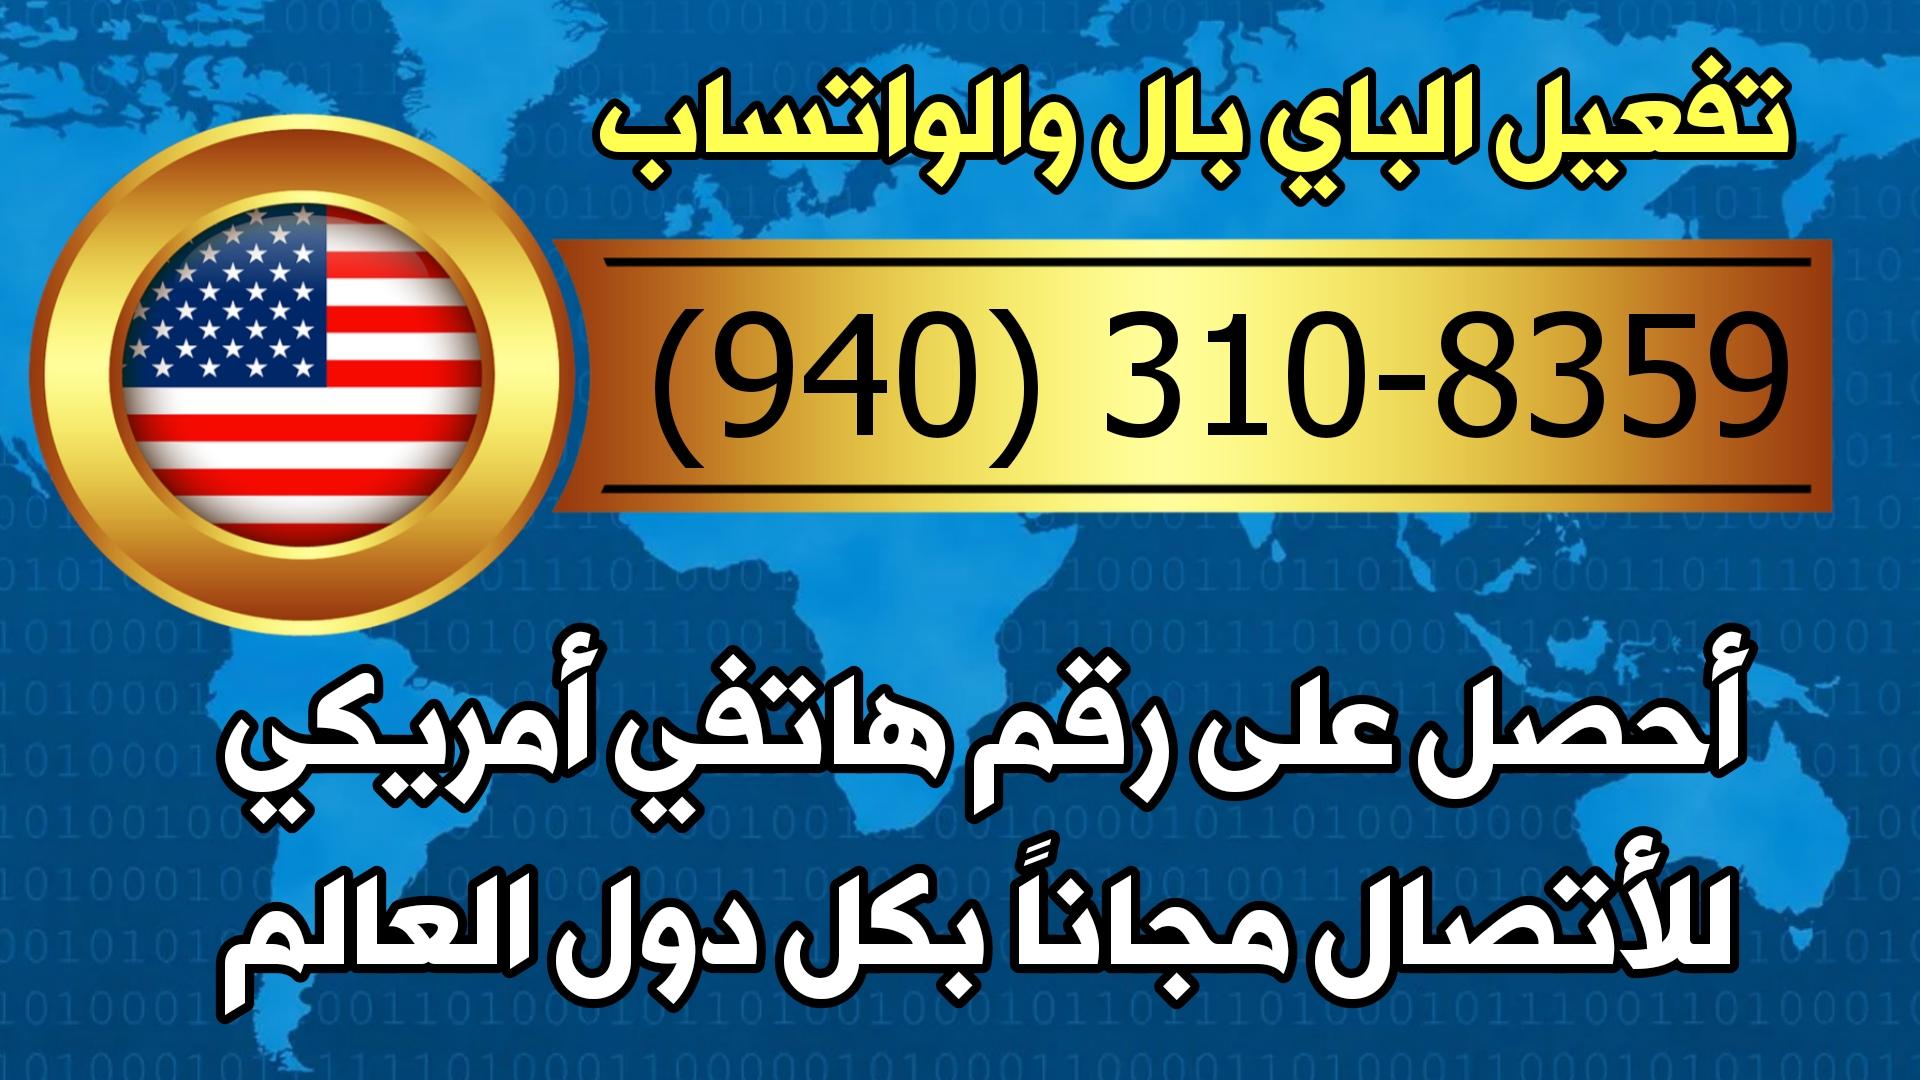 أحصل على رقم هاتفي أمريكي حقيقي للأتصال مجاناً بكل دول العالم ولتفعيل الواتساب و PayPal